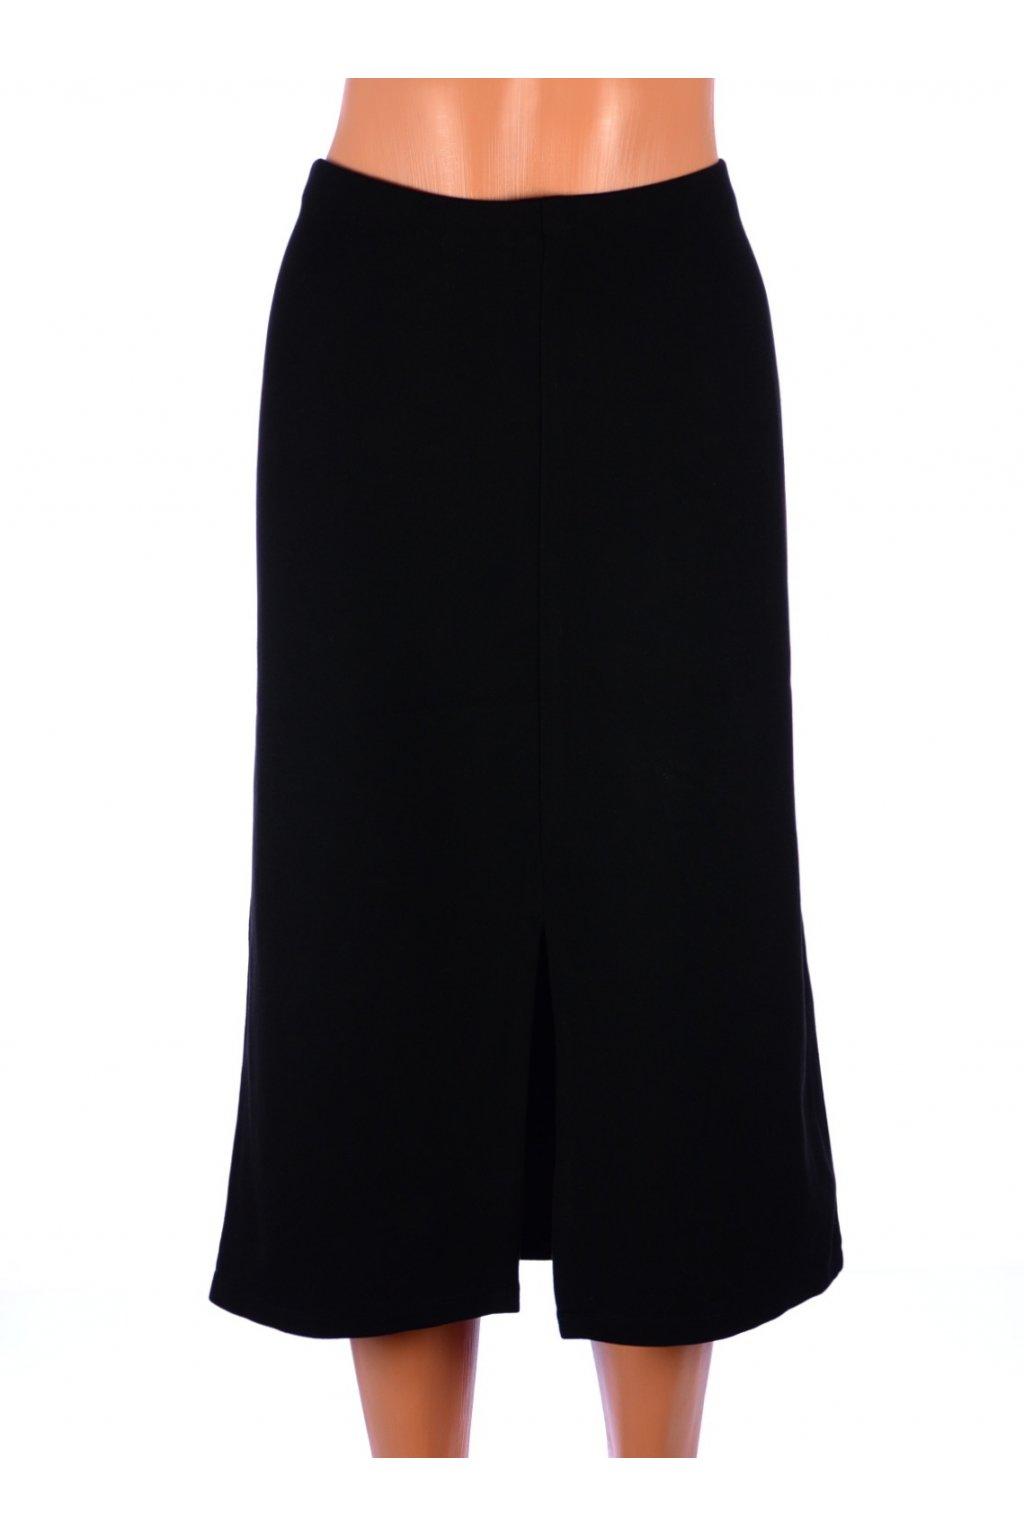 Sukně H&M černá vel. XL